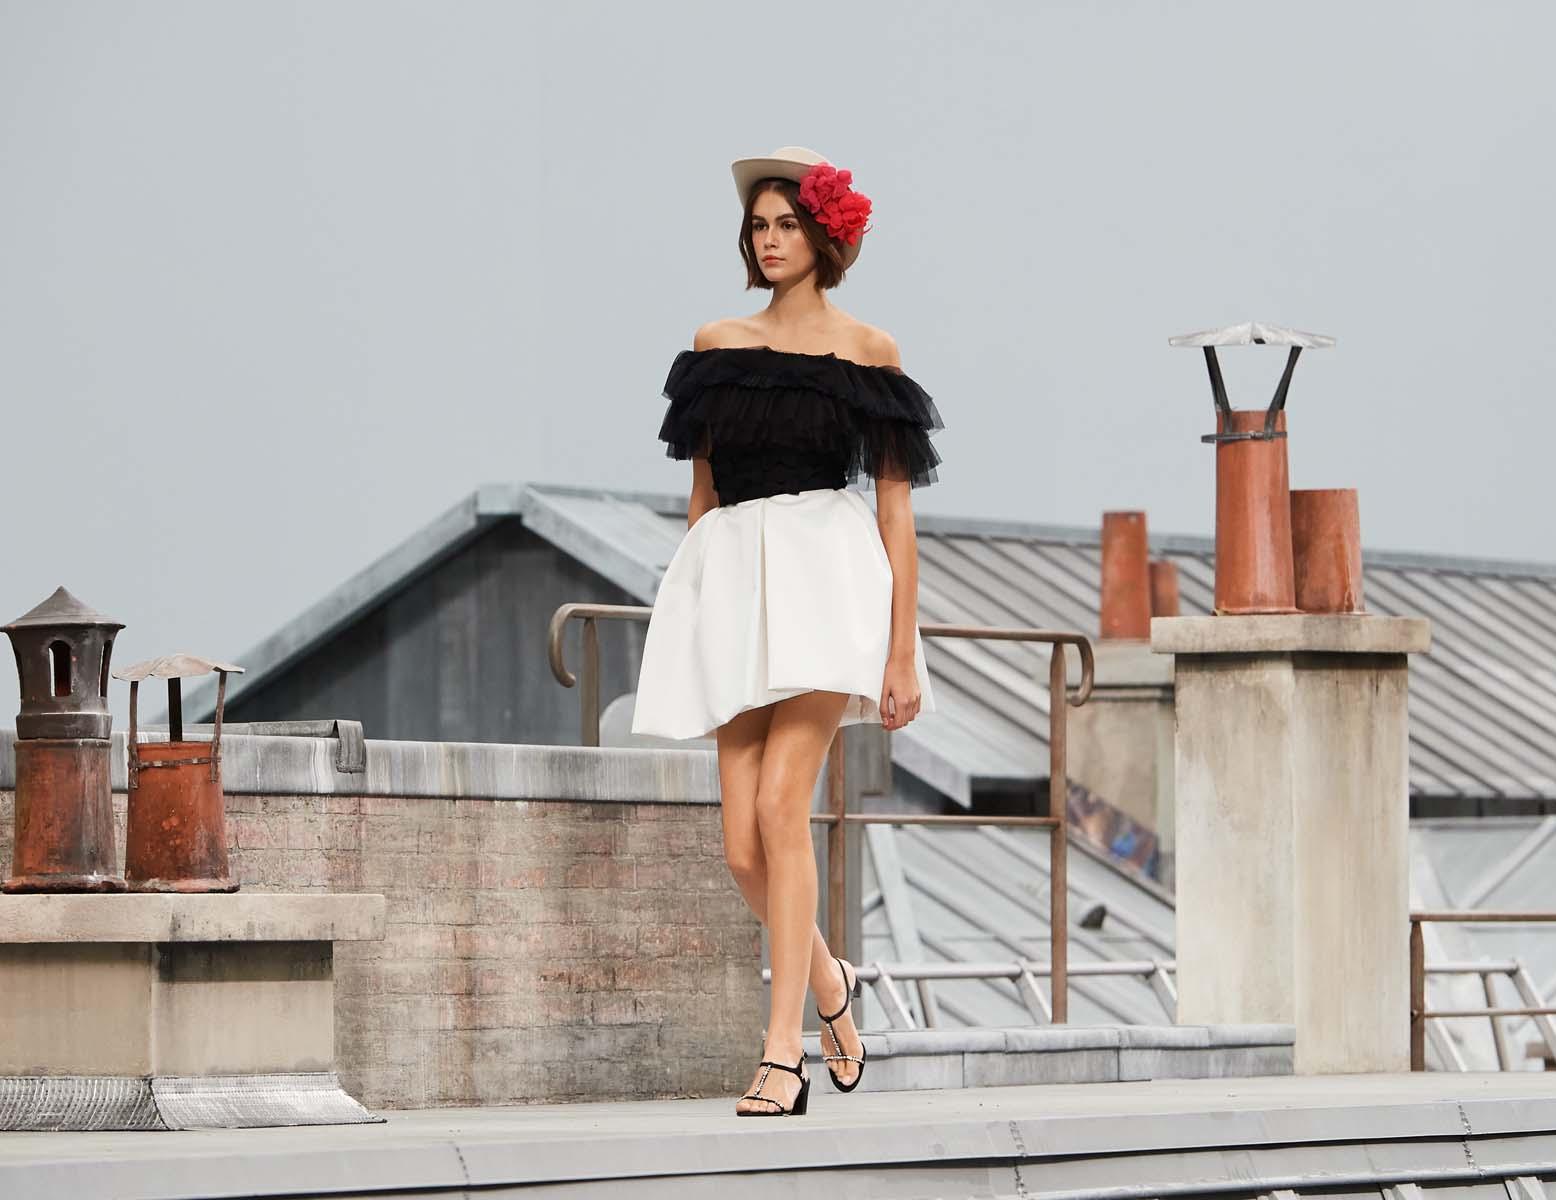 kaia diện váy bồng và áo trễ vai chanel xuân hè 2020